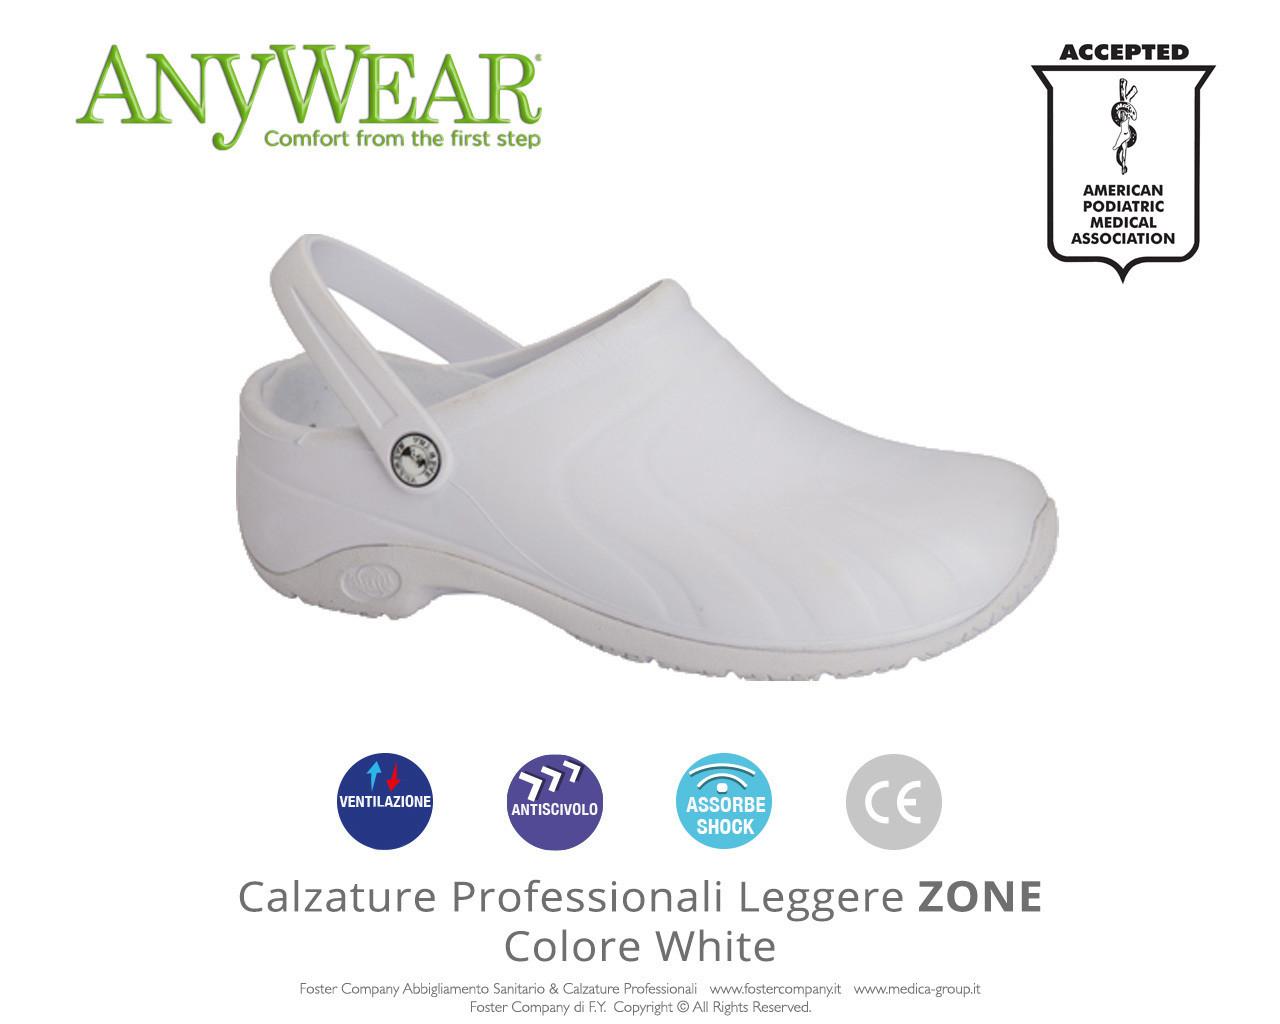 Calzature Professionali Anywear ZONE Colore White